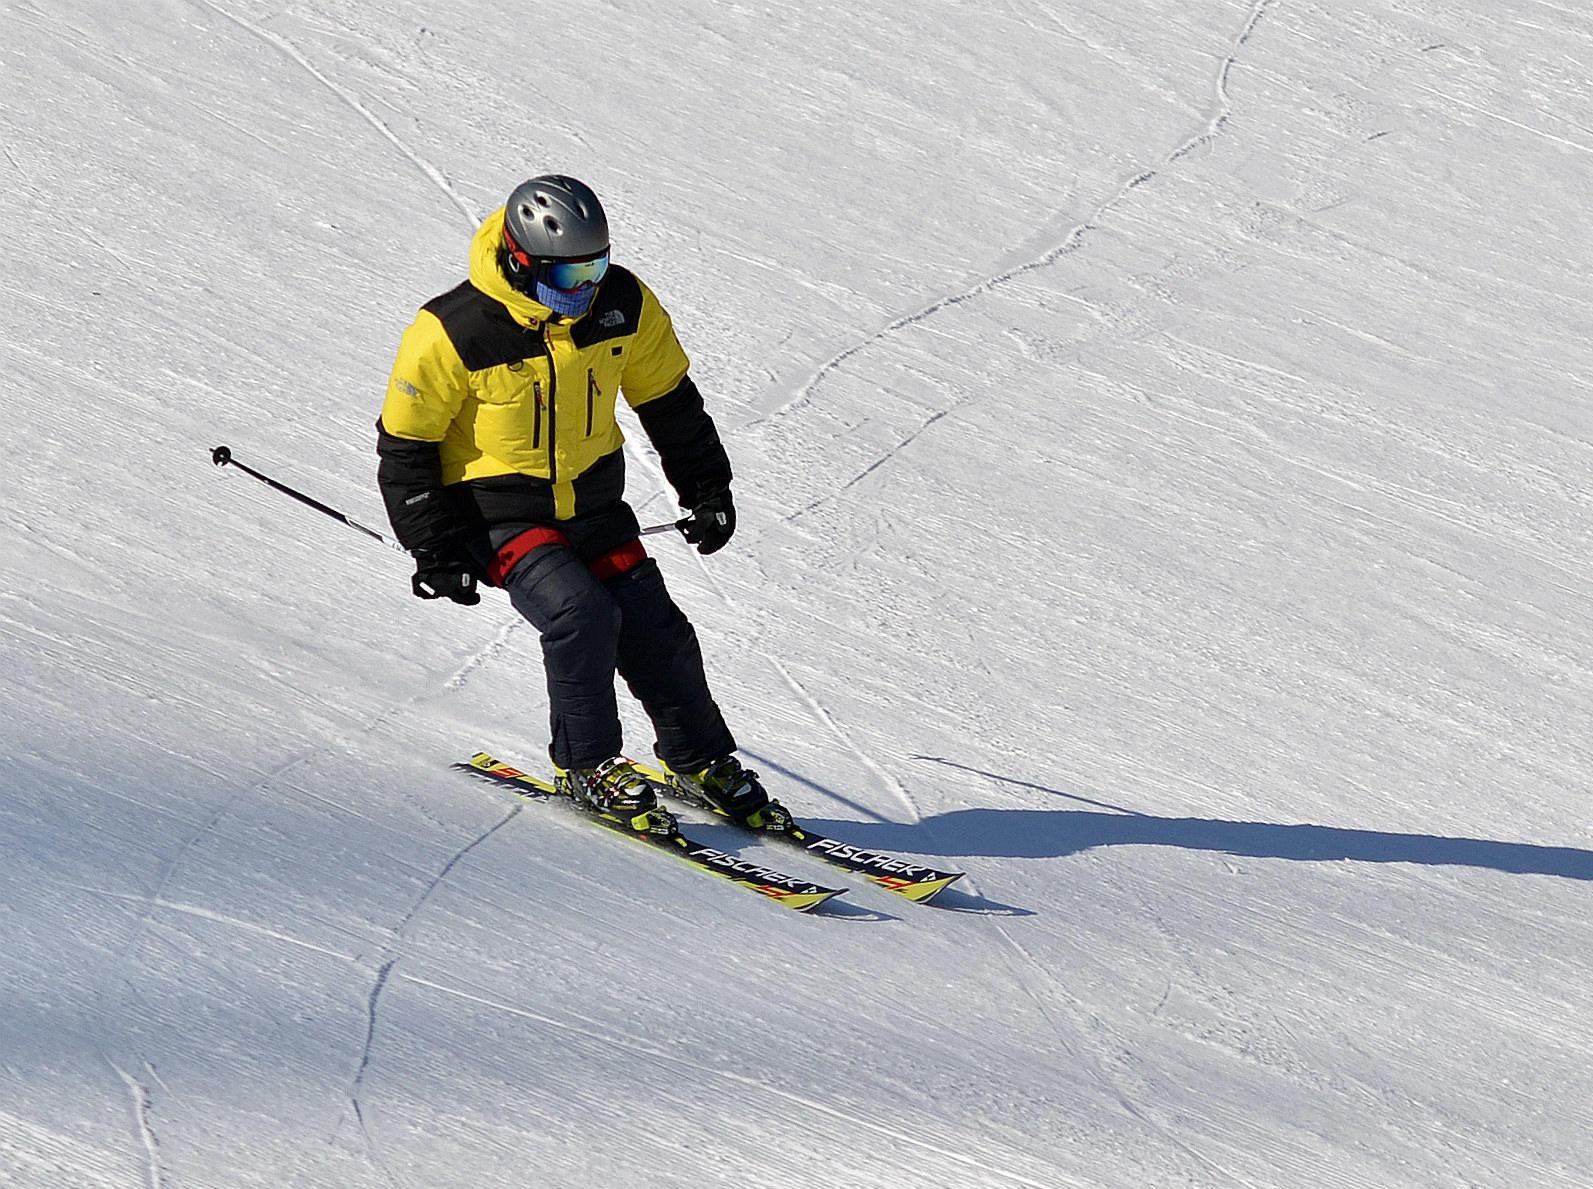 11月25号 周六云佛山滑雪